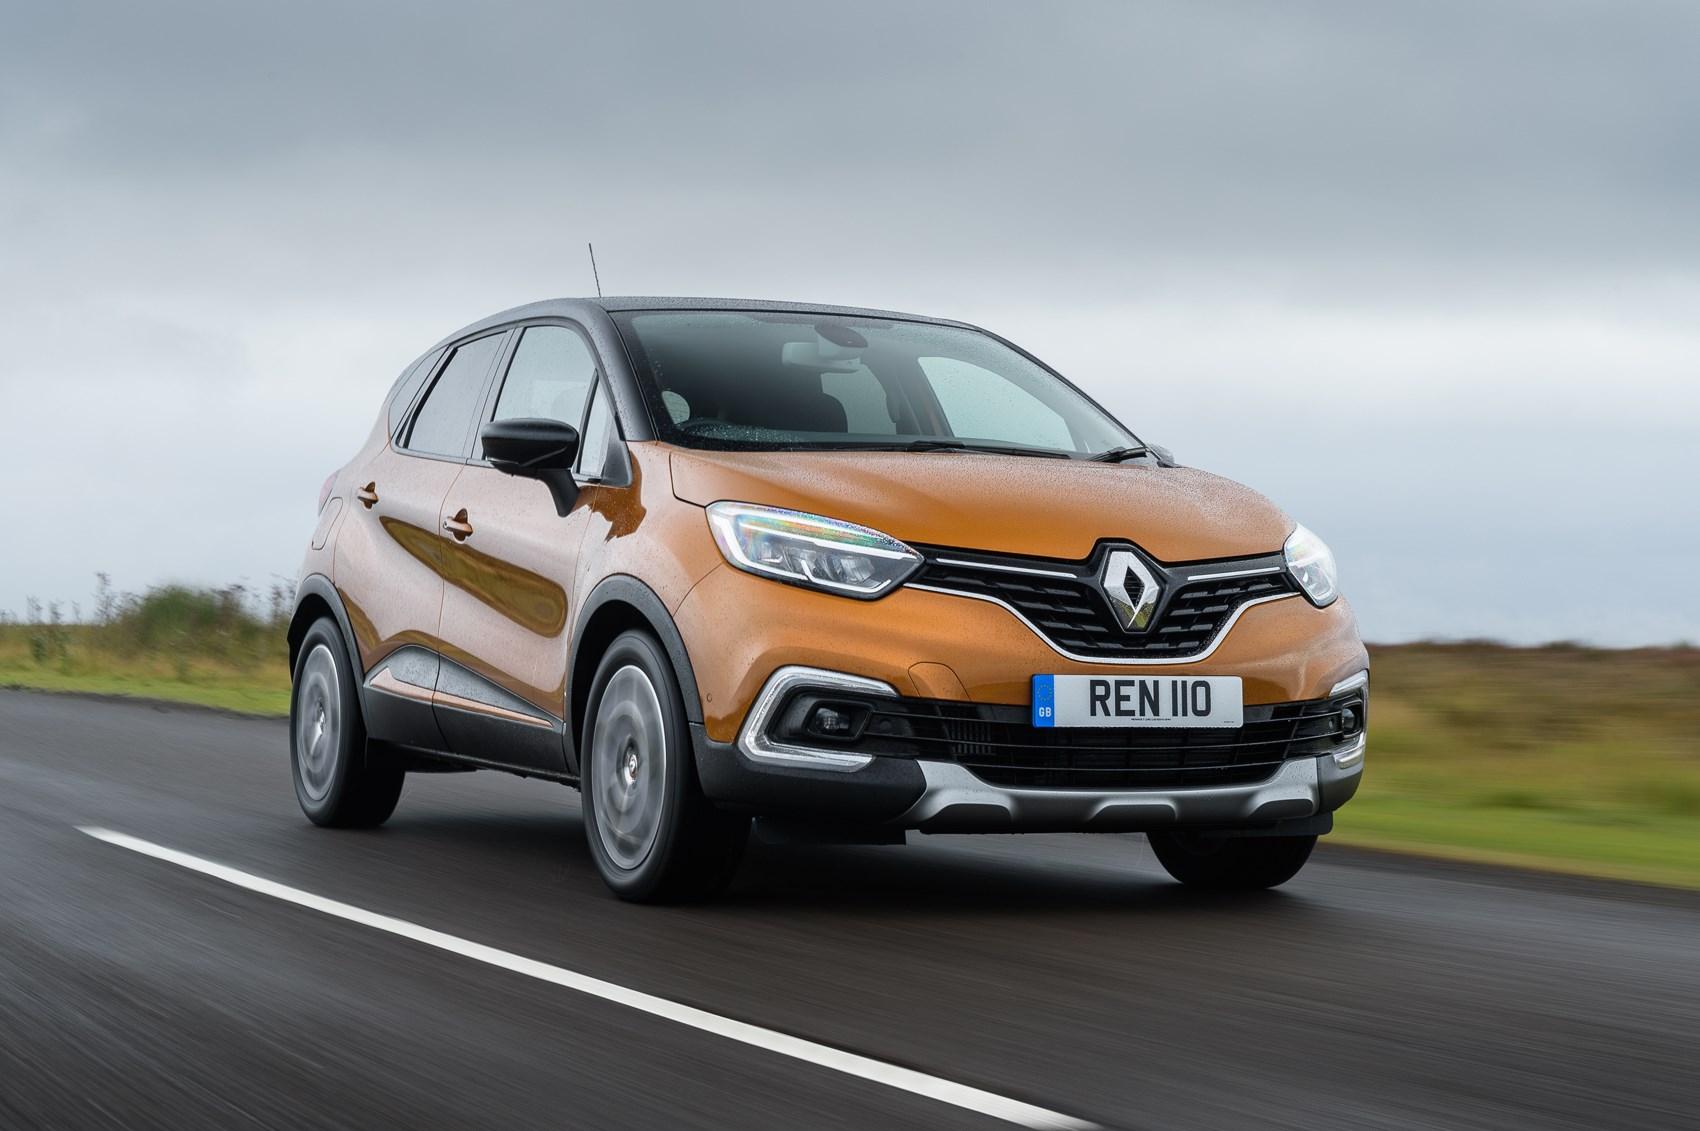 2018 Renault Captur front